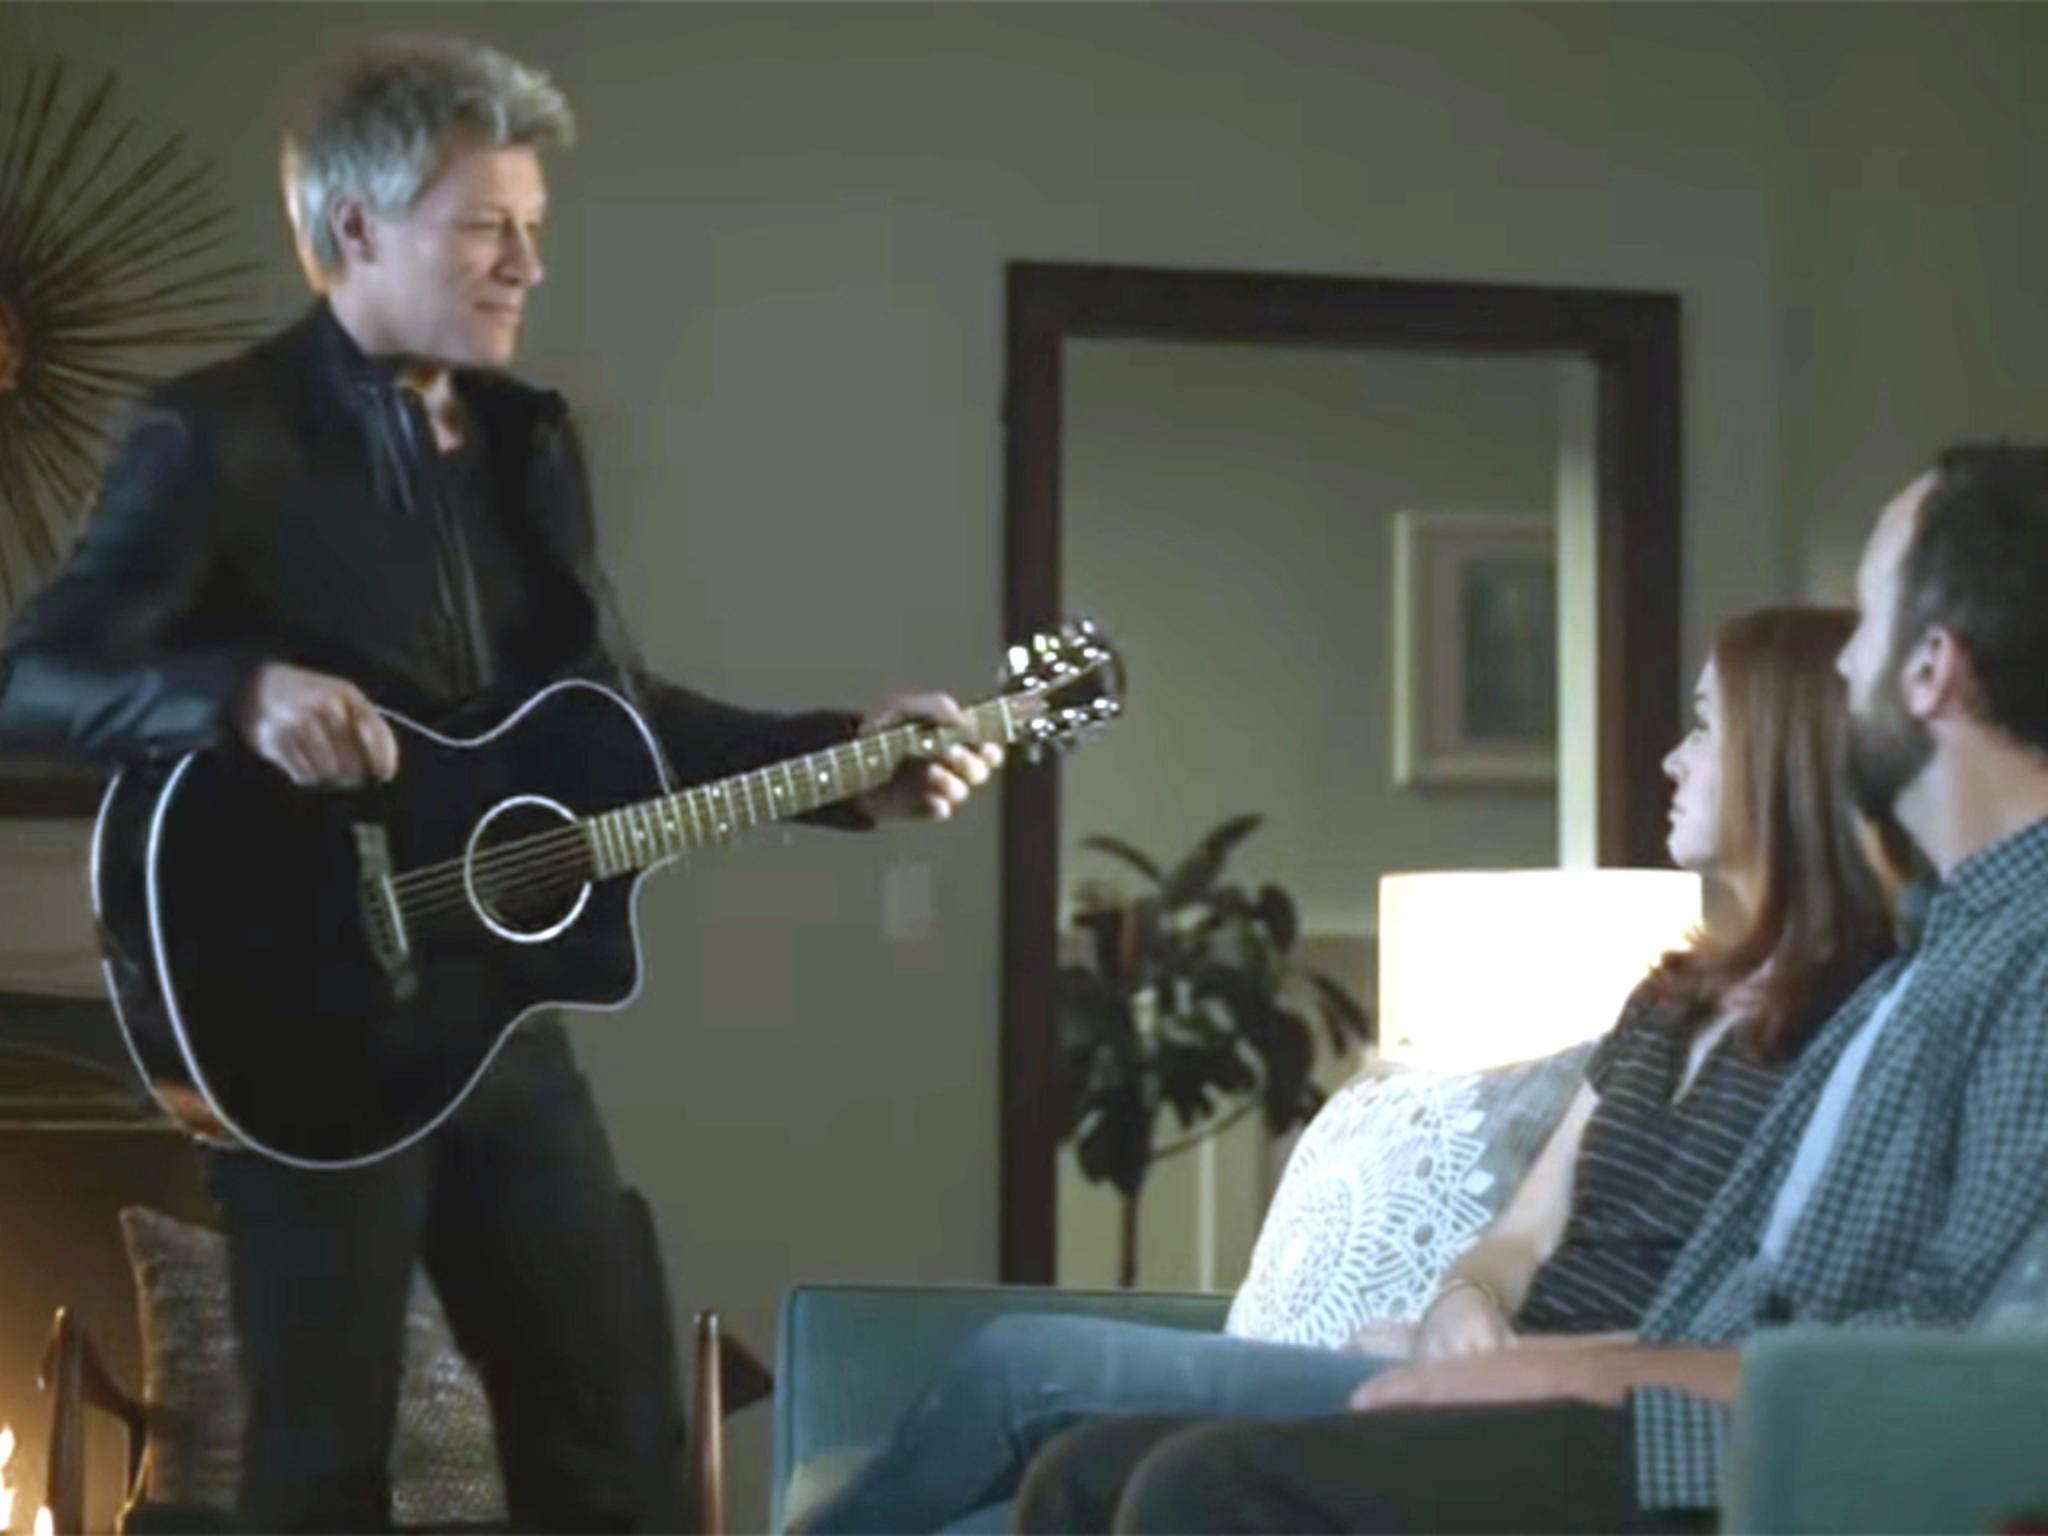 Und plötzlich steht Jon Bon Jovi im Wohnzimmer! Nur einer von vielen seltsamen Auftritten, die Musiker in Werbespots haben.